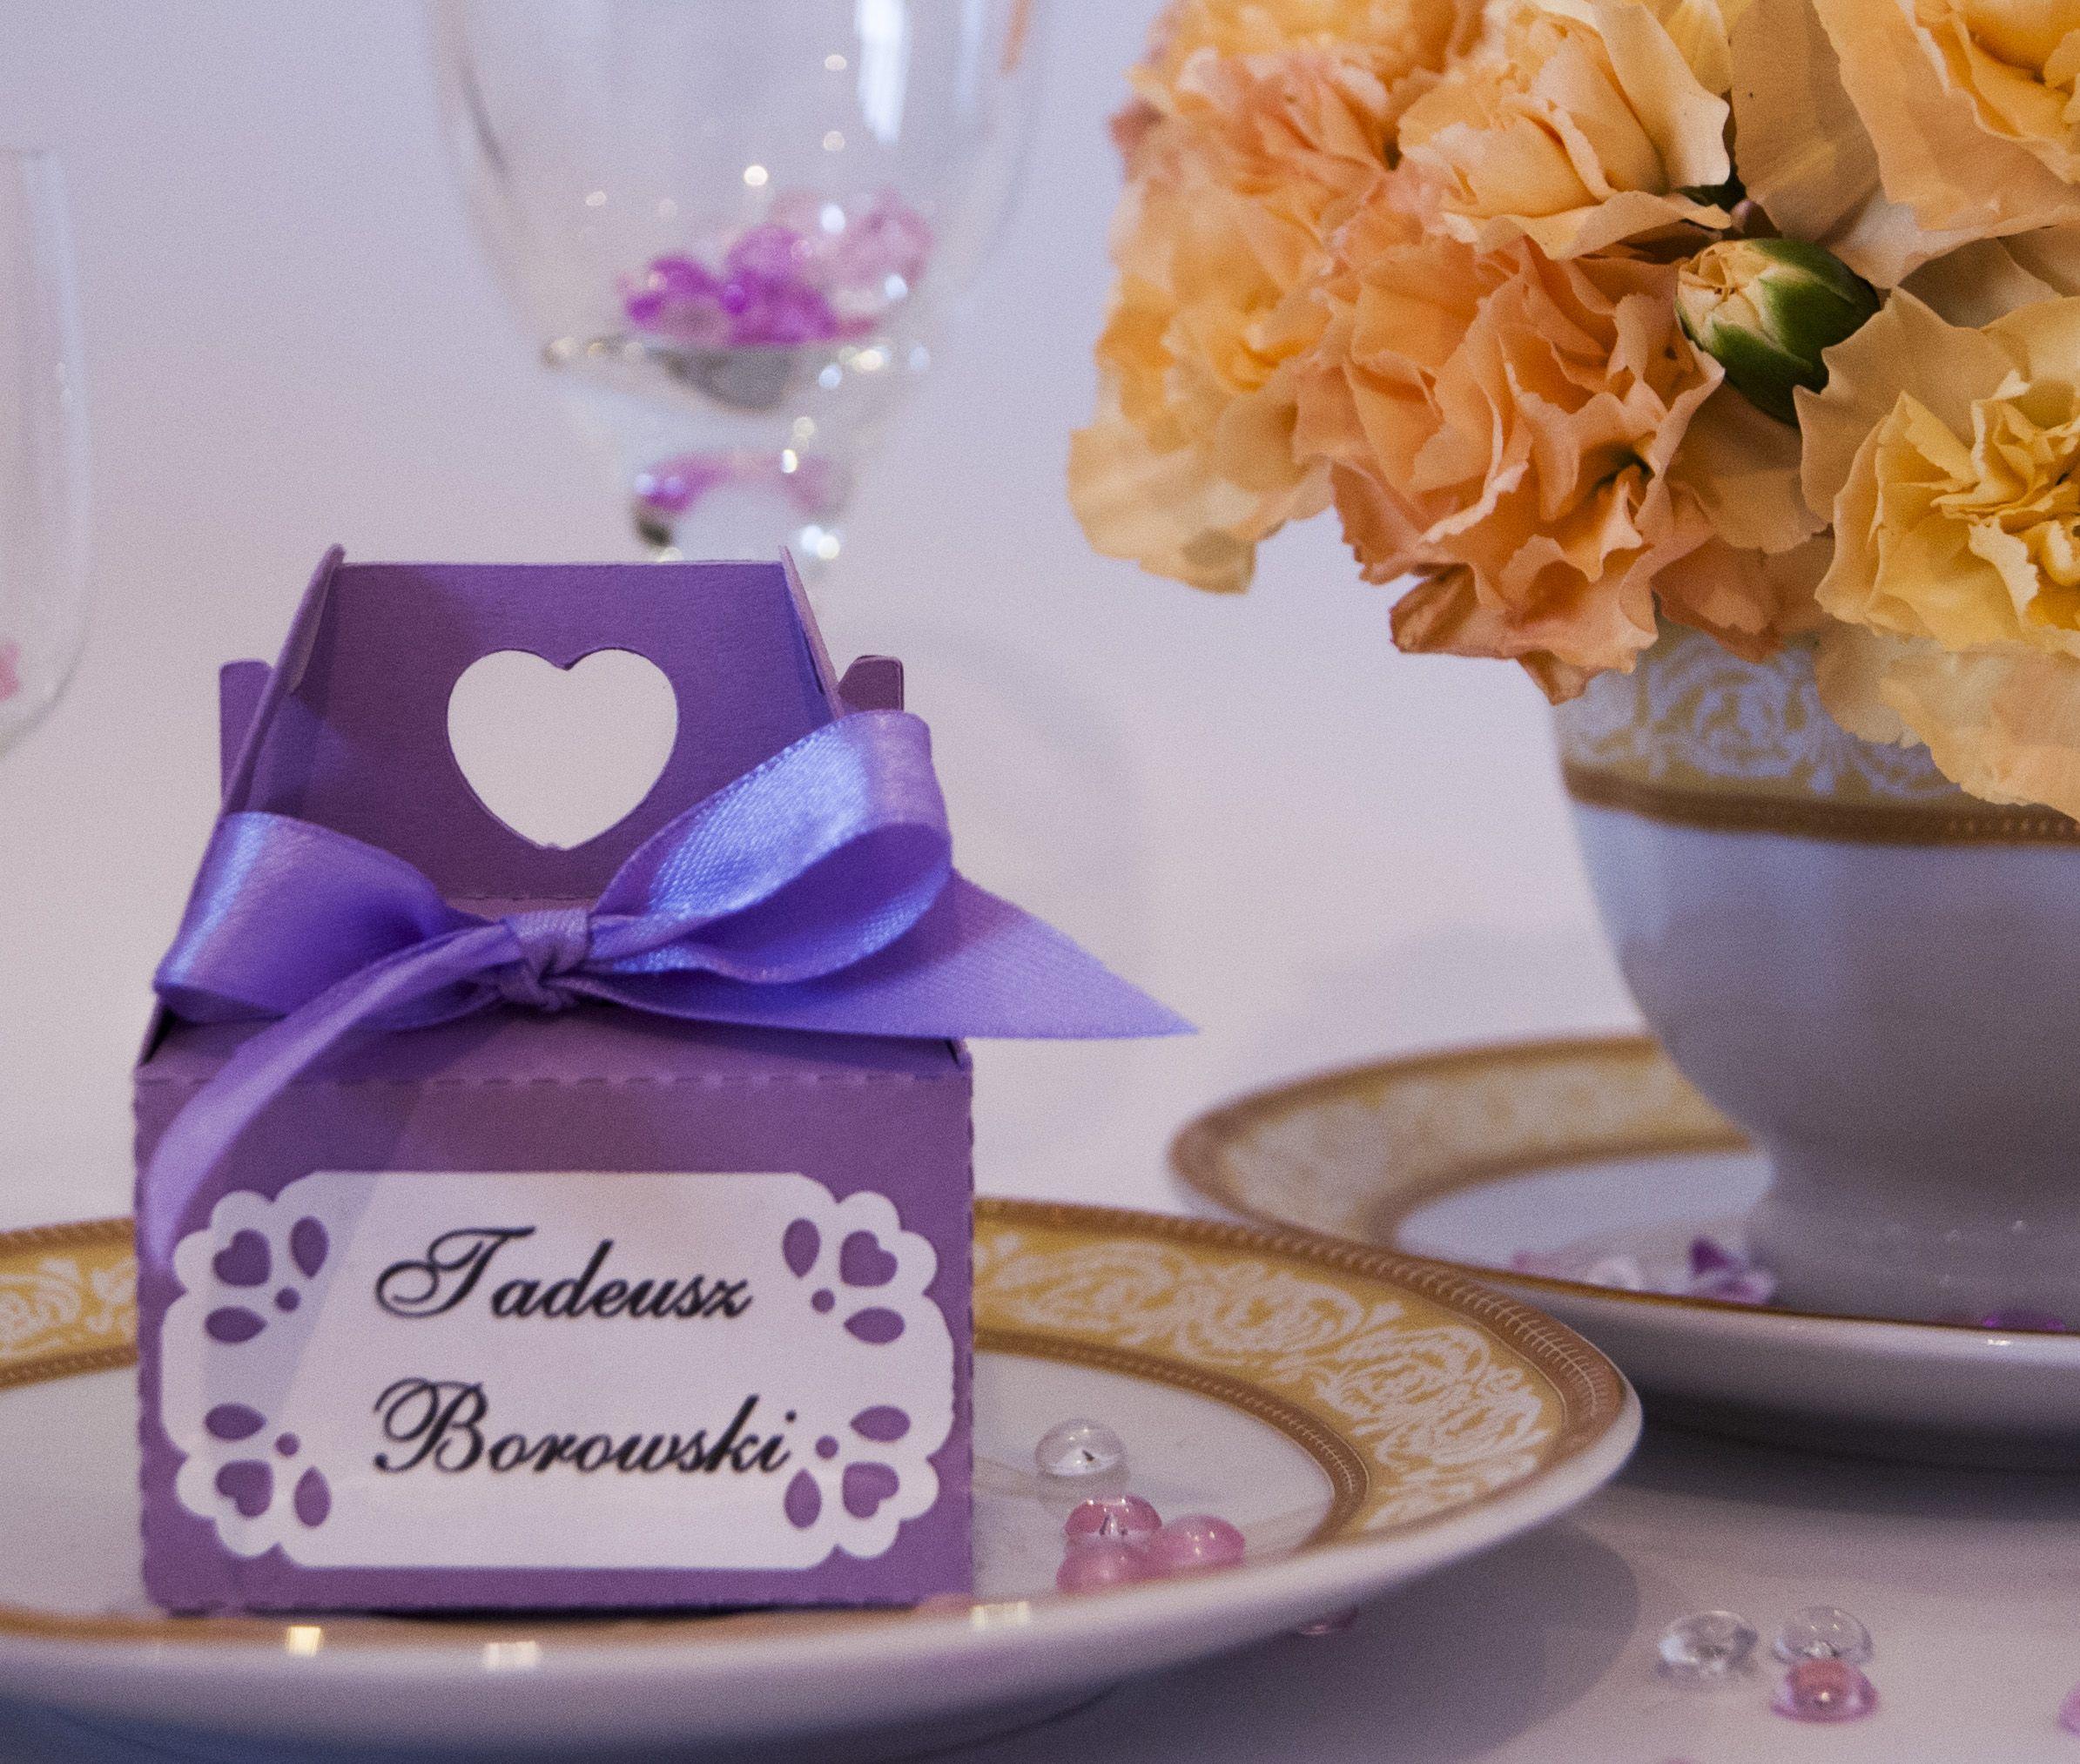 Login Allegro Slub Marzen Gg 48782731 Zapraszam Winietki Slubne Podziekowania Dla Gosci Pudeleczka Dla Gosci Party In A Box Party Favor Boxes Wedding